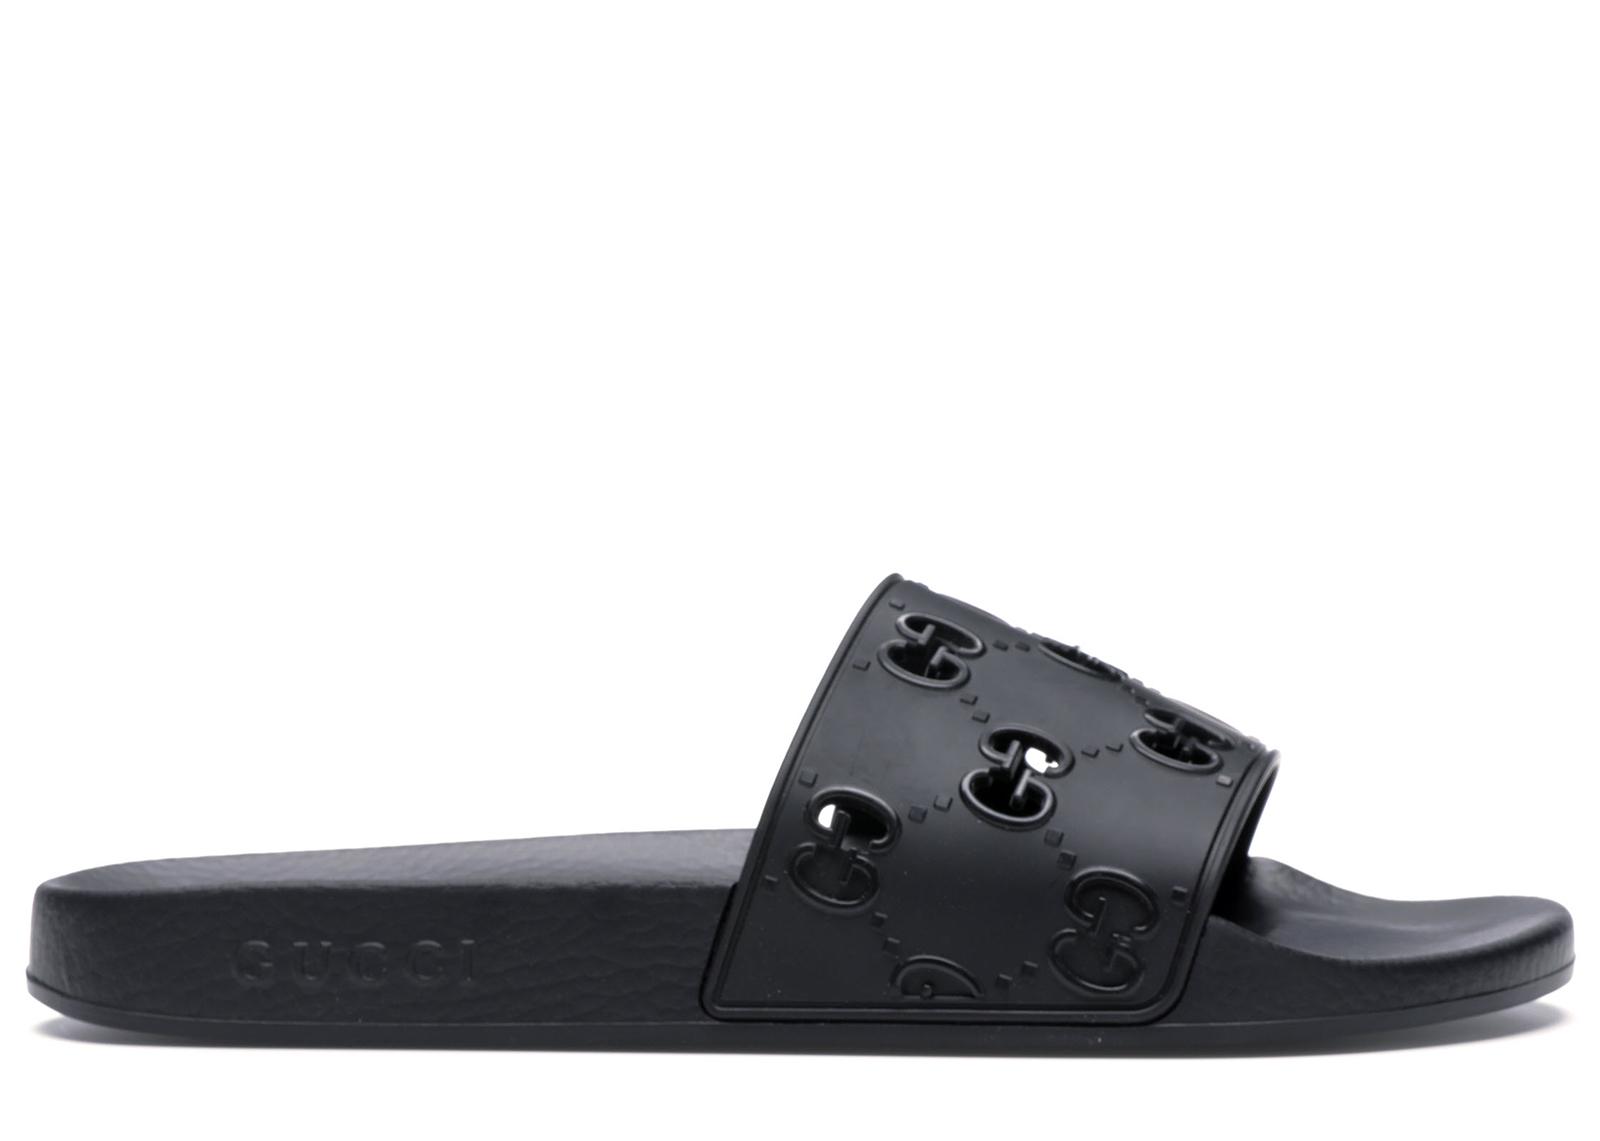 Gucci GG Slide Rubber Black - 575957